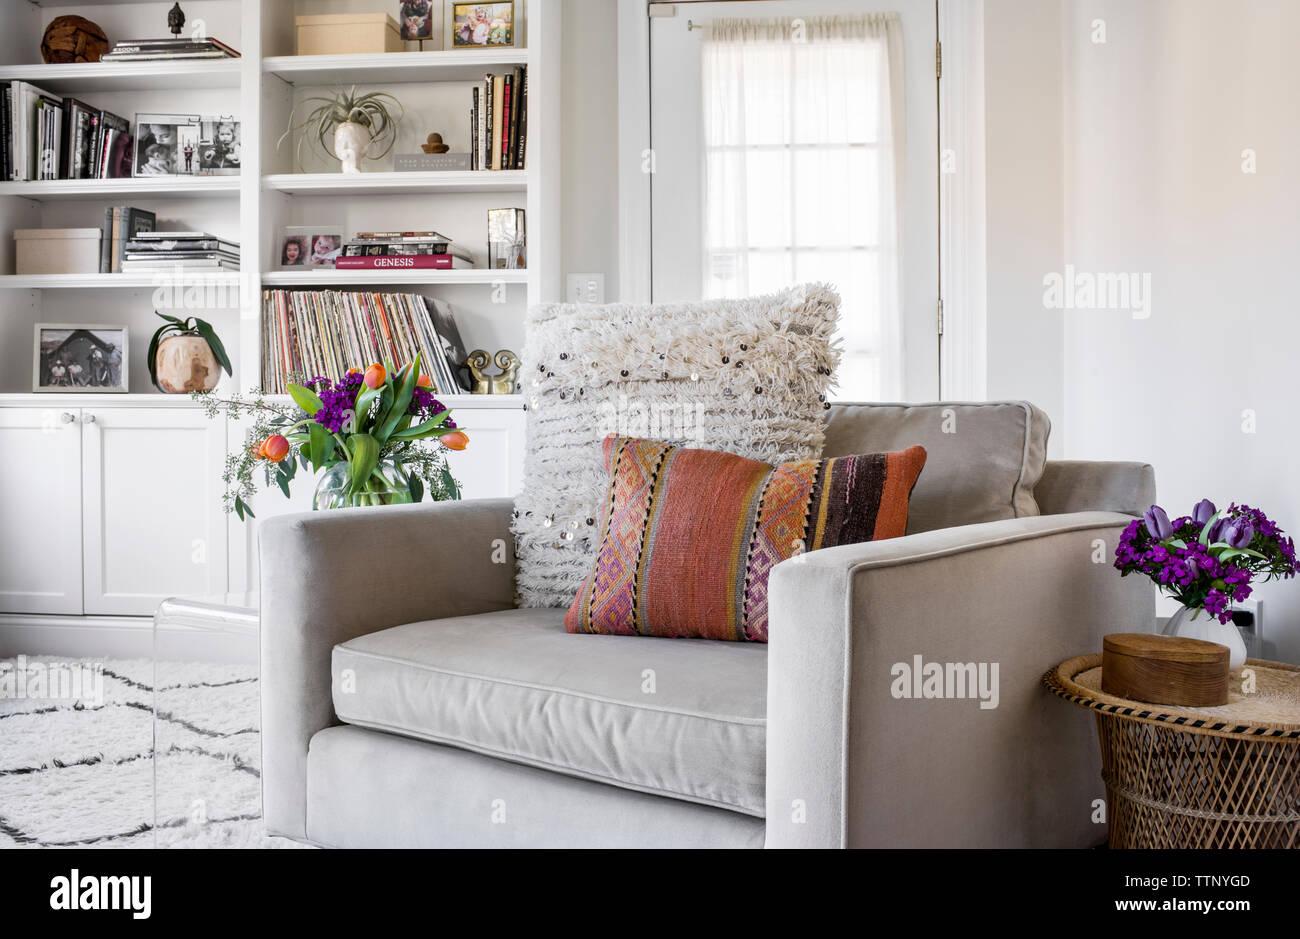 Cojines De Casa.Cojines En Sillon En Casa Foto Imagen De Stock 256179517